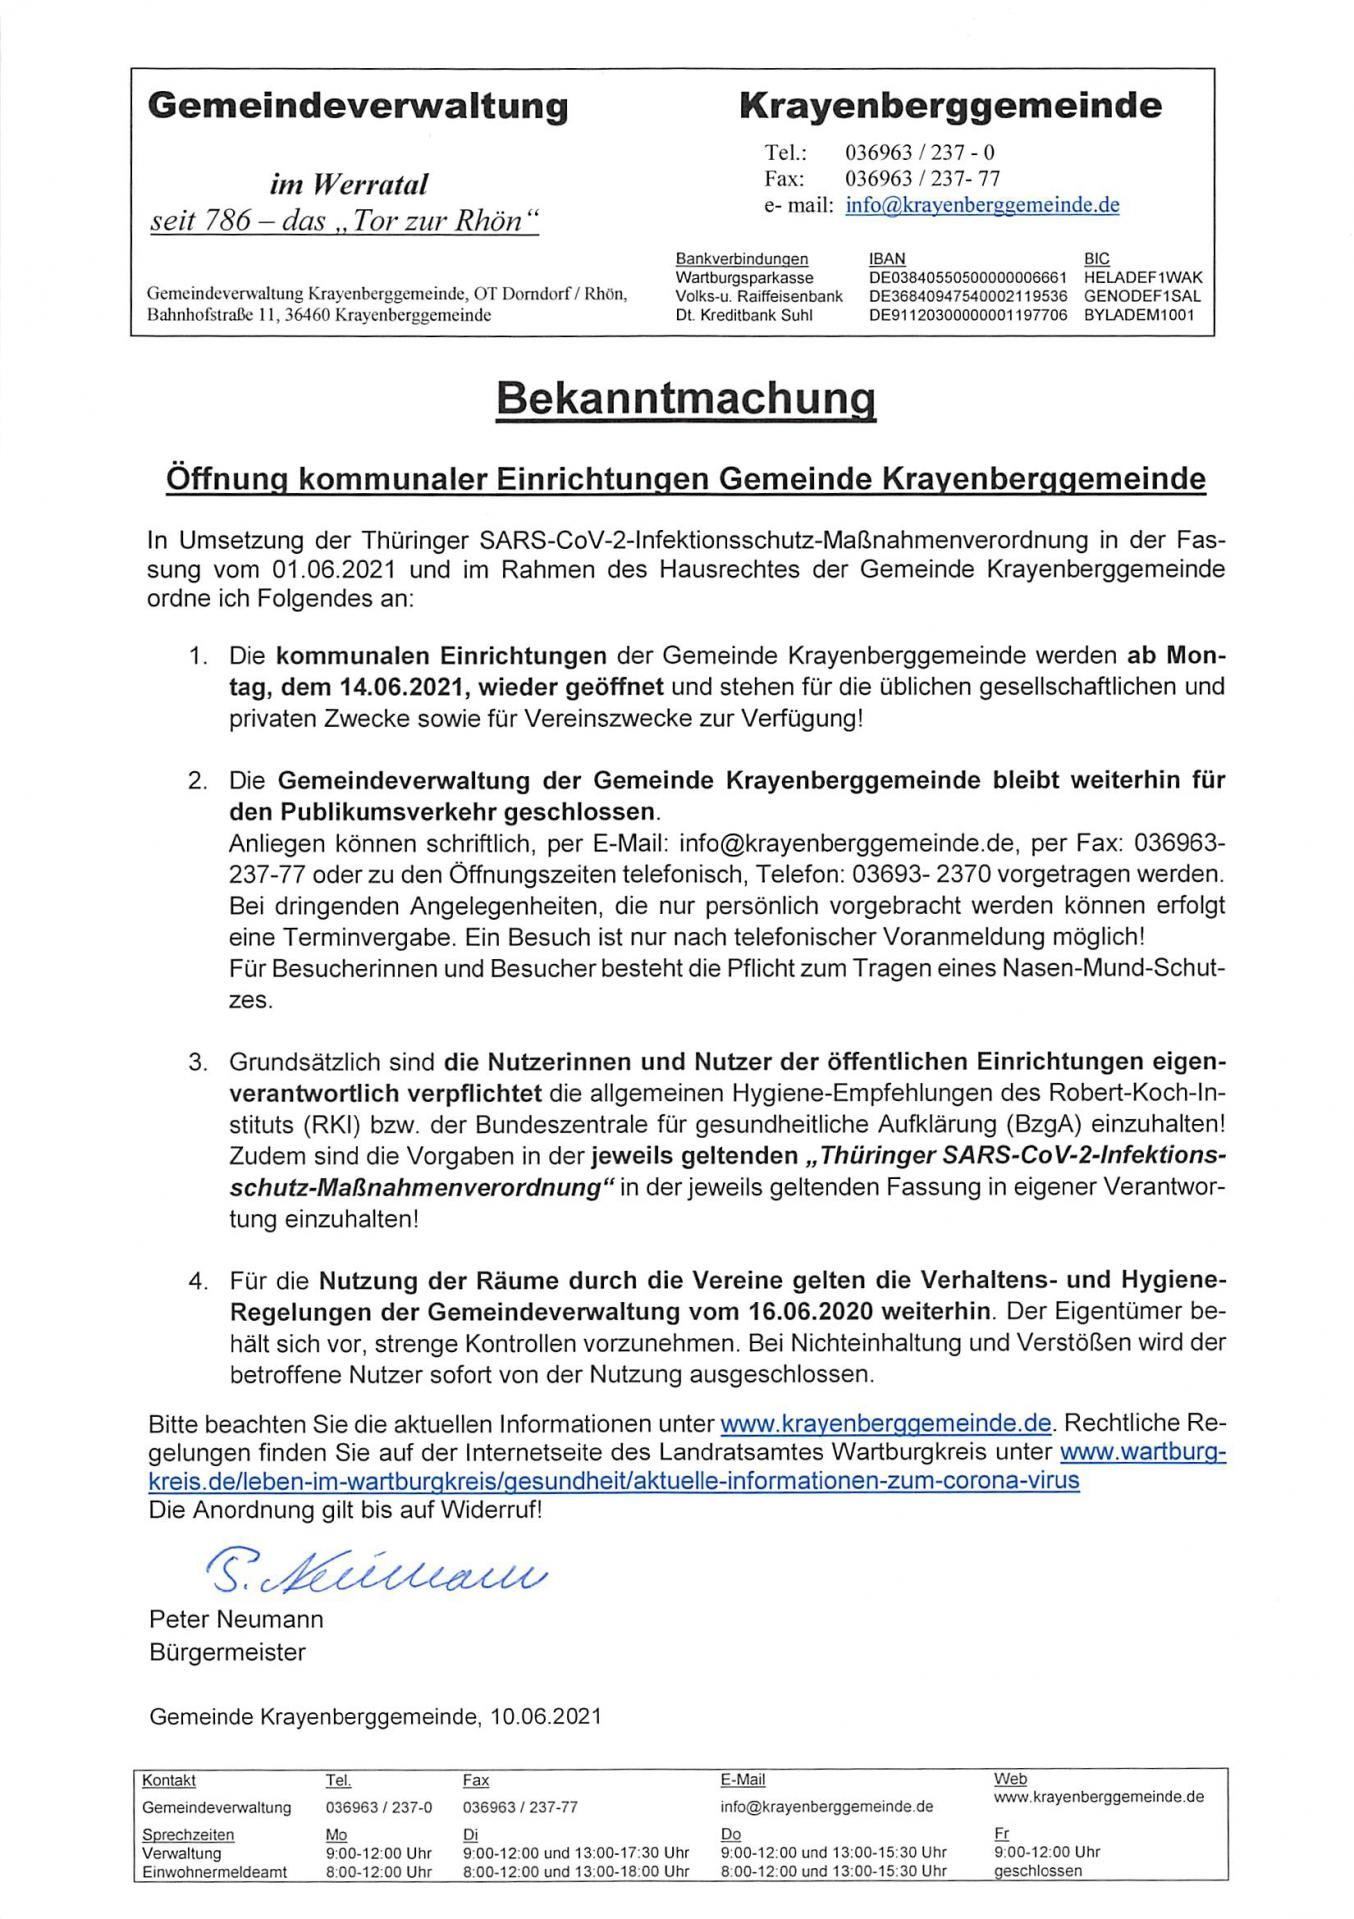 Öffnung kommunale Einrichtungen ab 14.06.2021